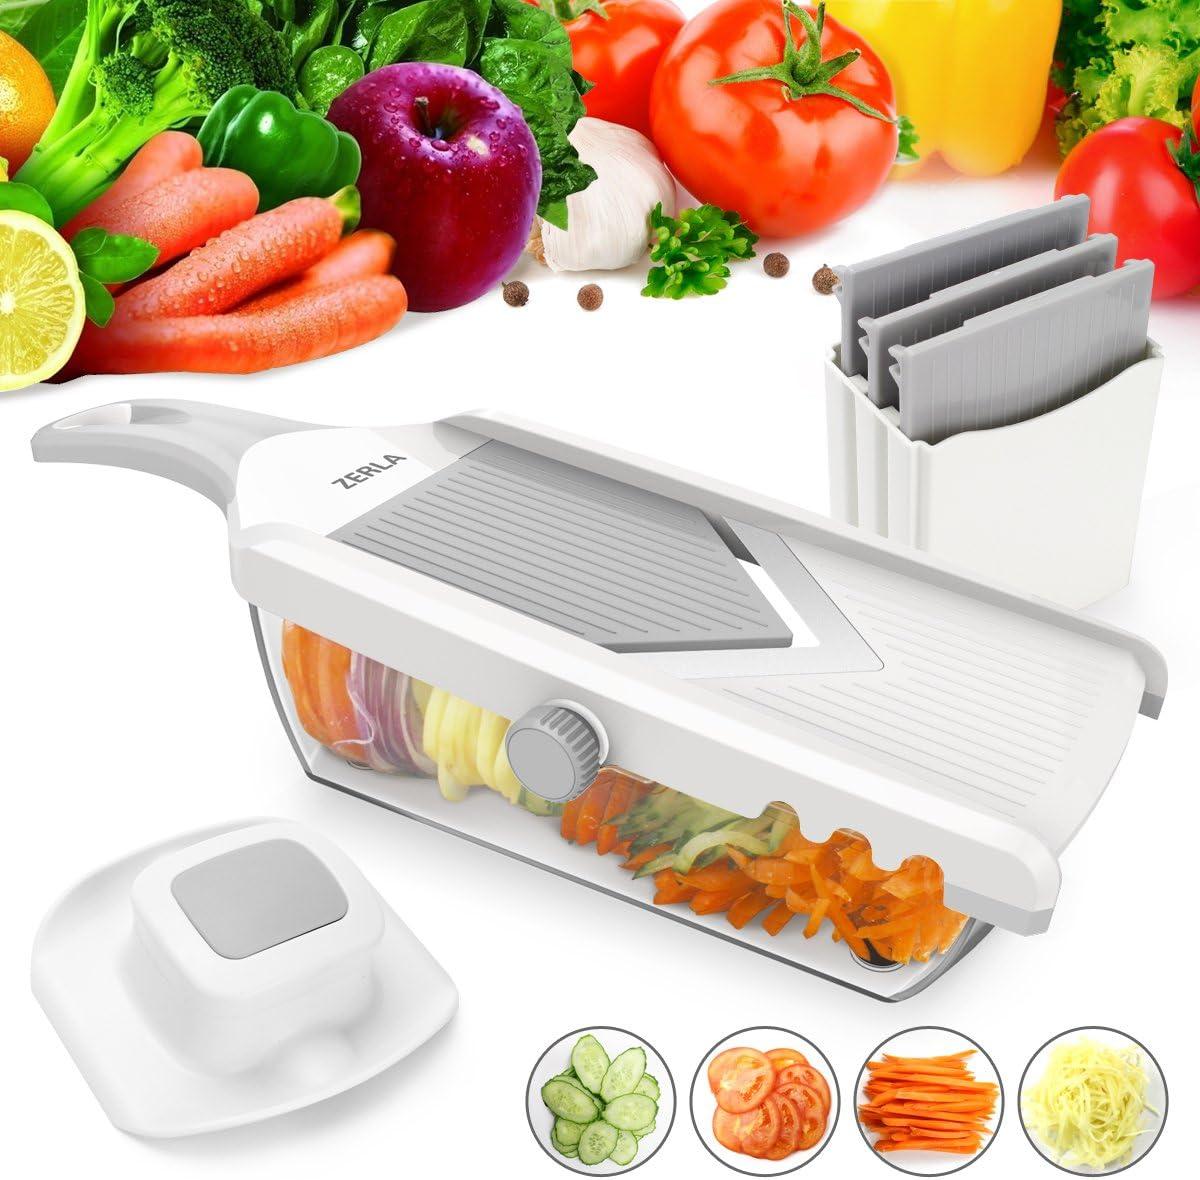 ZERLA Adjustable Mandoline Slicer, Grater & Julienne Slicer Cutter for Vegetable, Fruit, Onion, and Cheese (White)